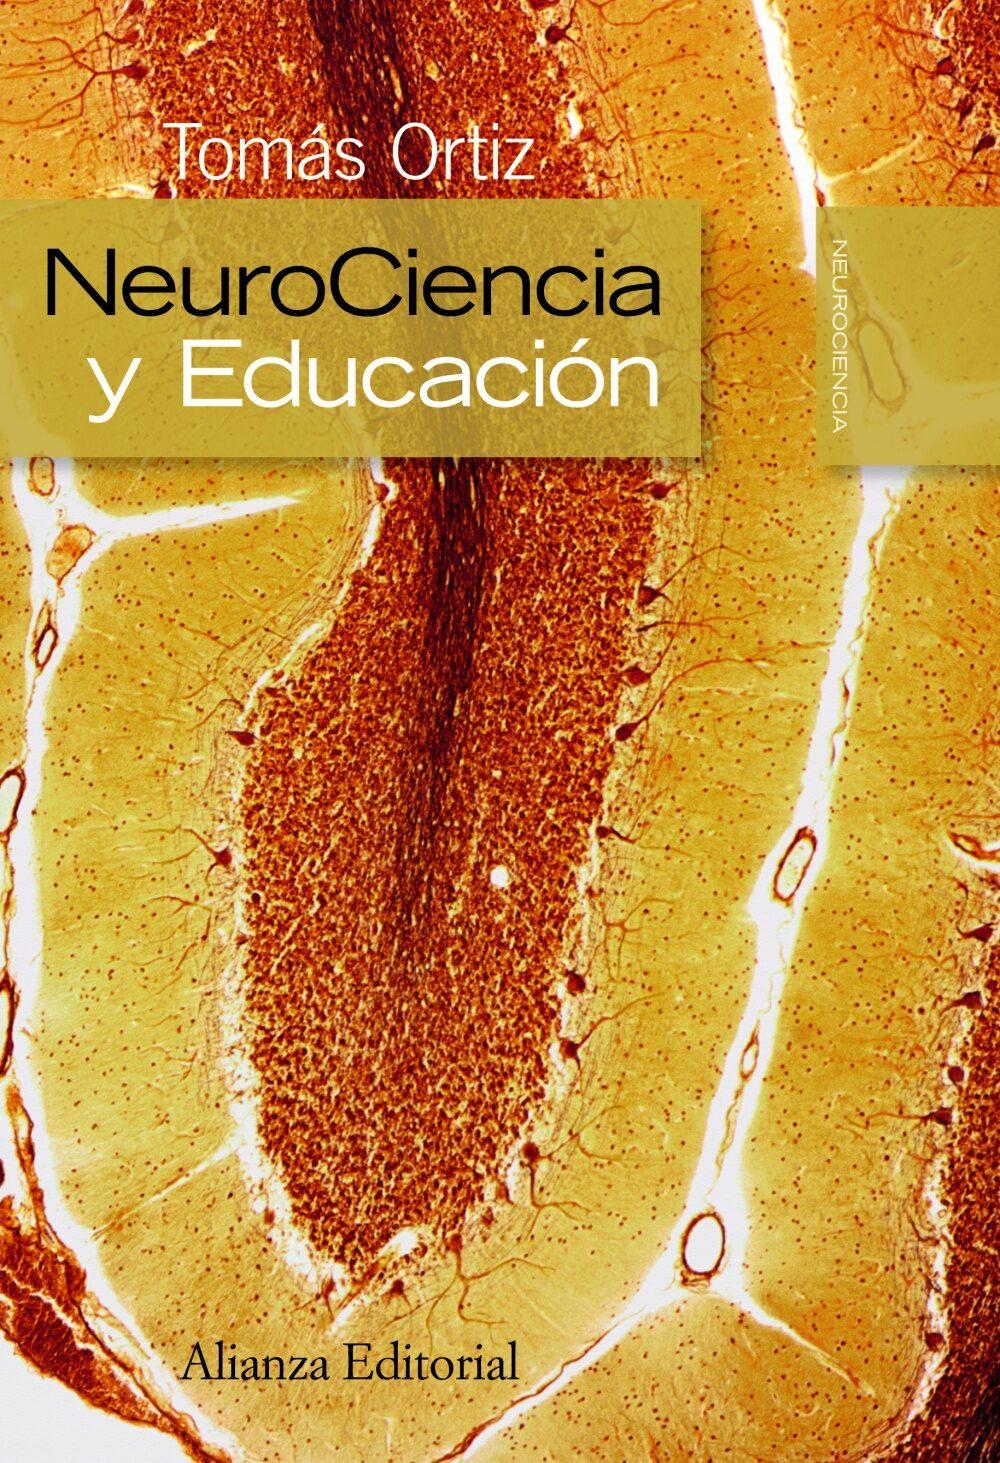 NEUROCIENCIA Y EDUCACION | TOMAS ORTIZ | Comprar libro 9788420682624